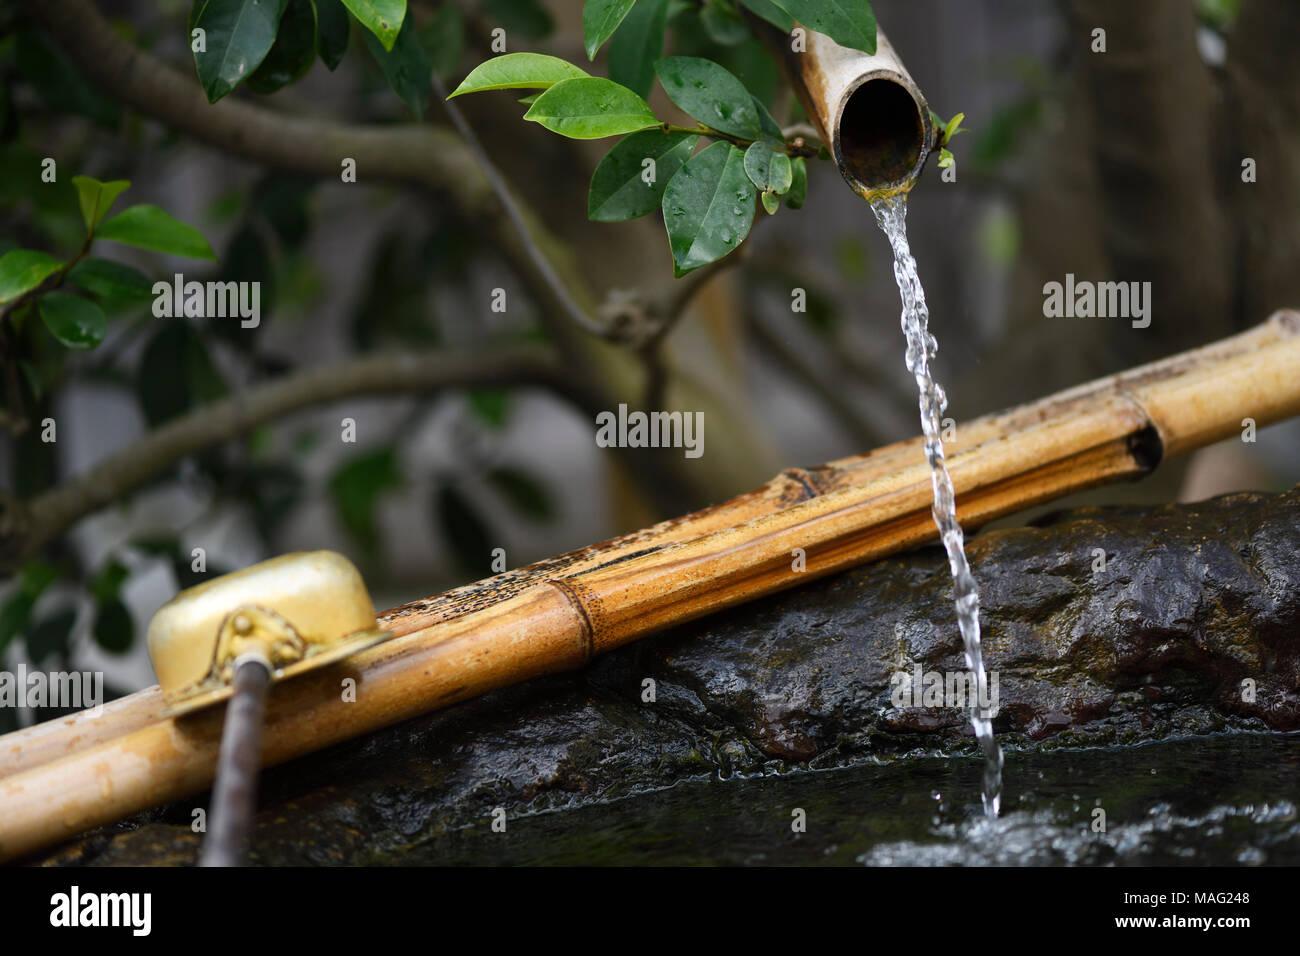 Chozubachi, rituel de purification de l'eau bassin avec un bambou mordillements et d'une ourse, illustrant la philosophie de l'esthétique japonaise Wabi-Sabi qui trouve la beauté dans le NAT Photo Stock